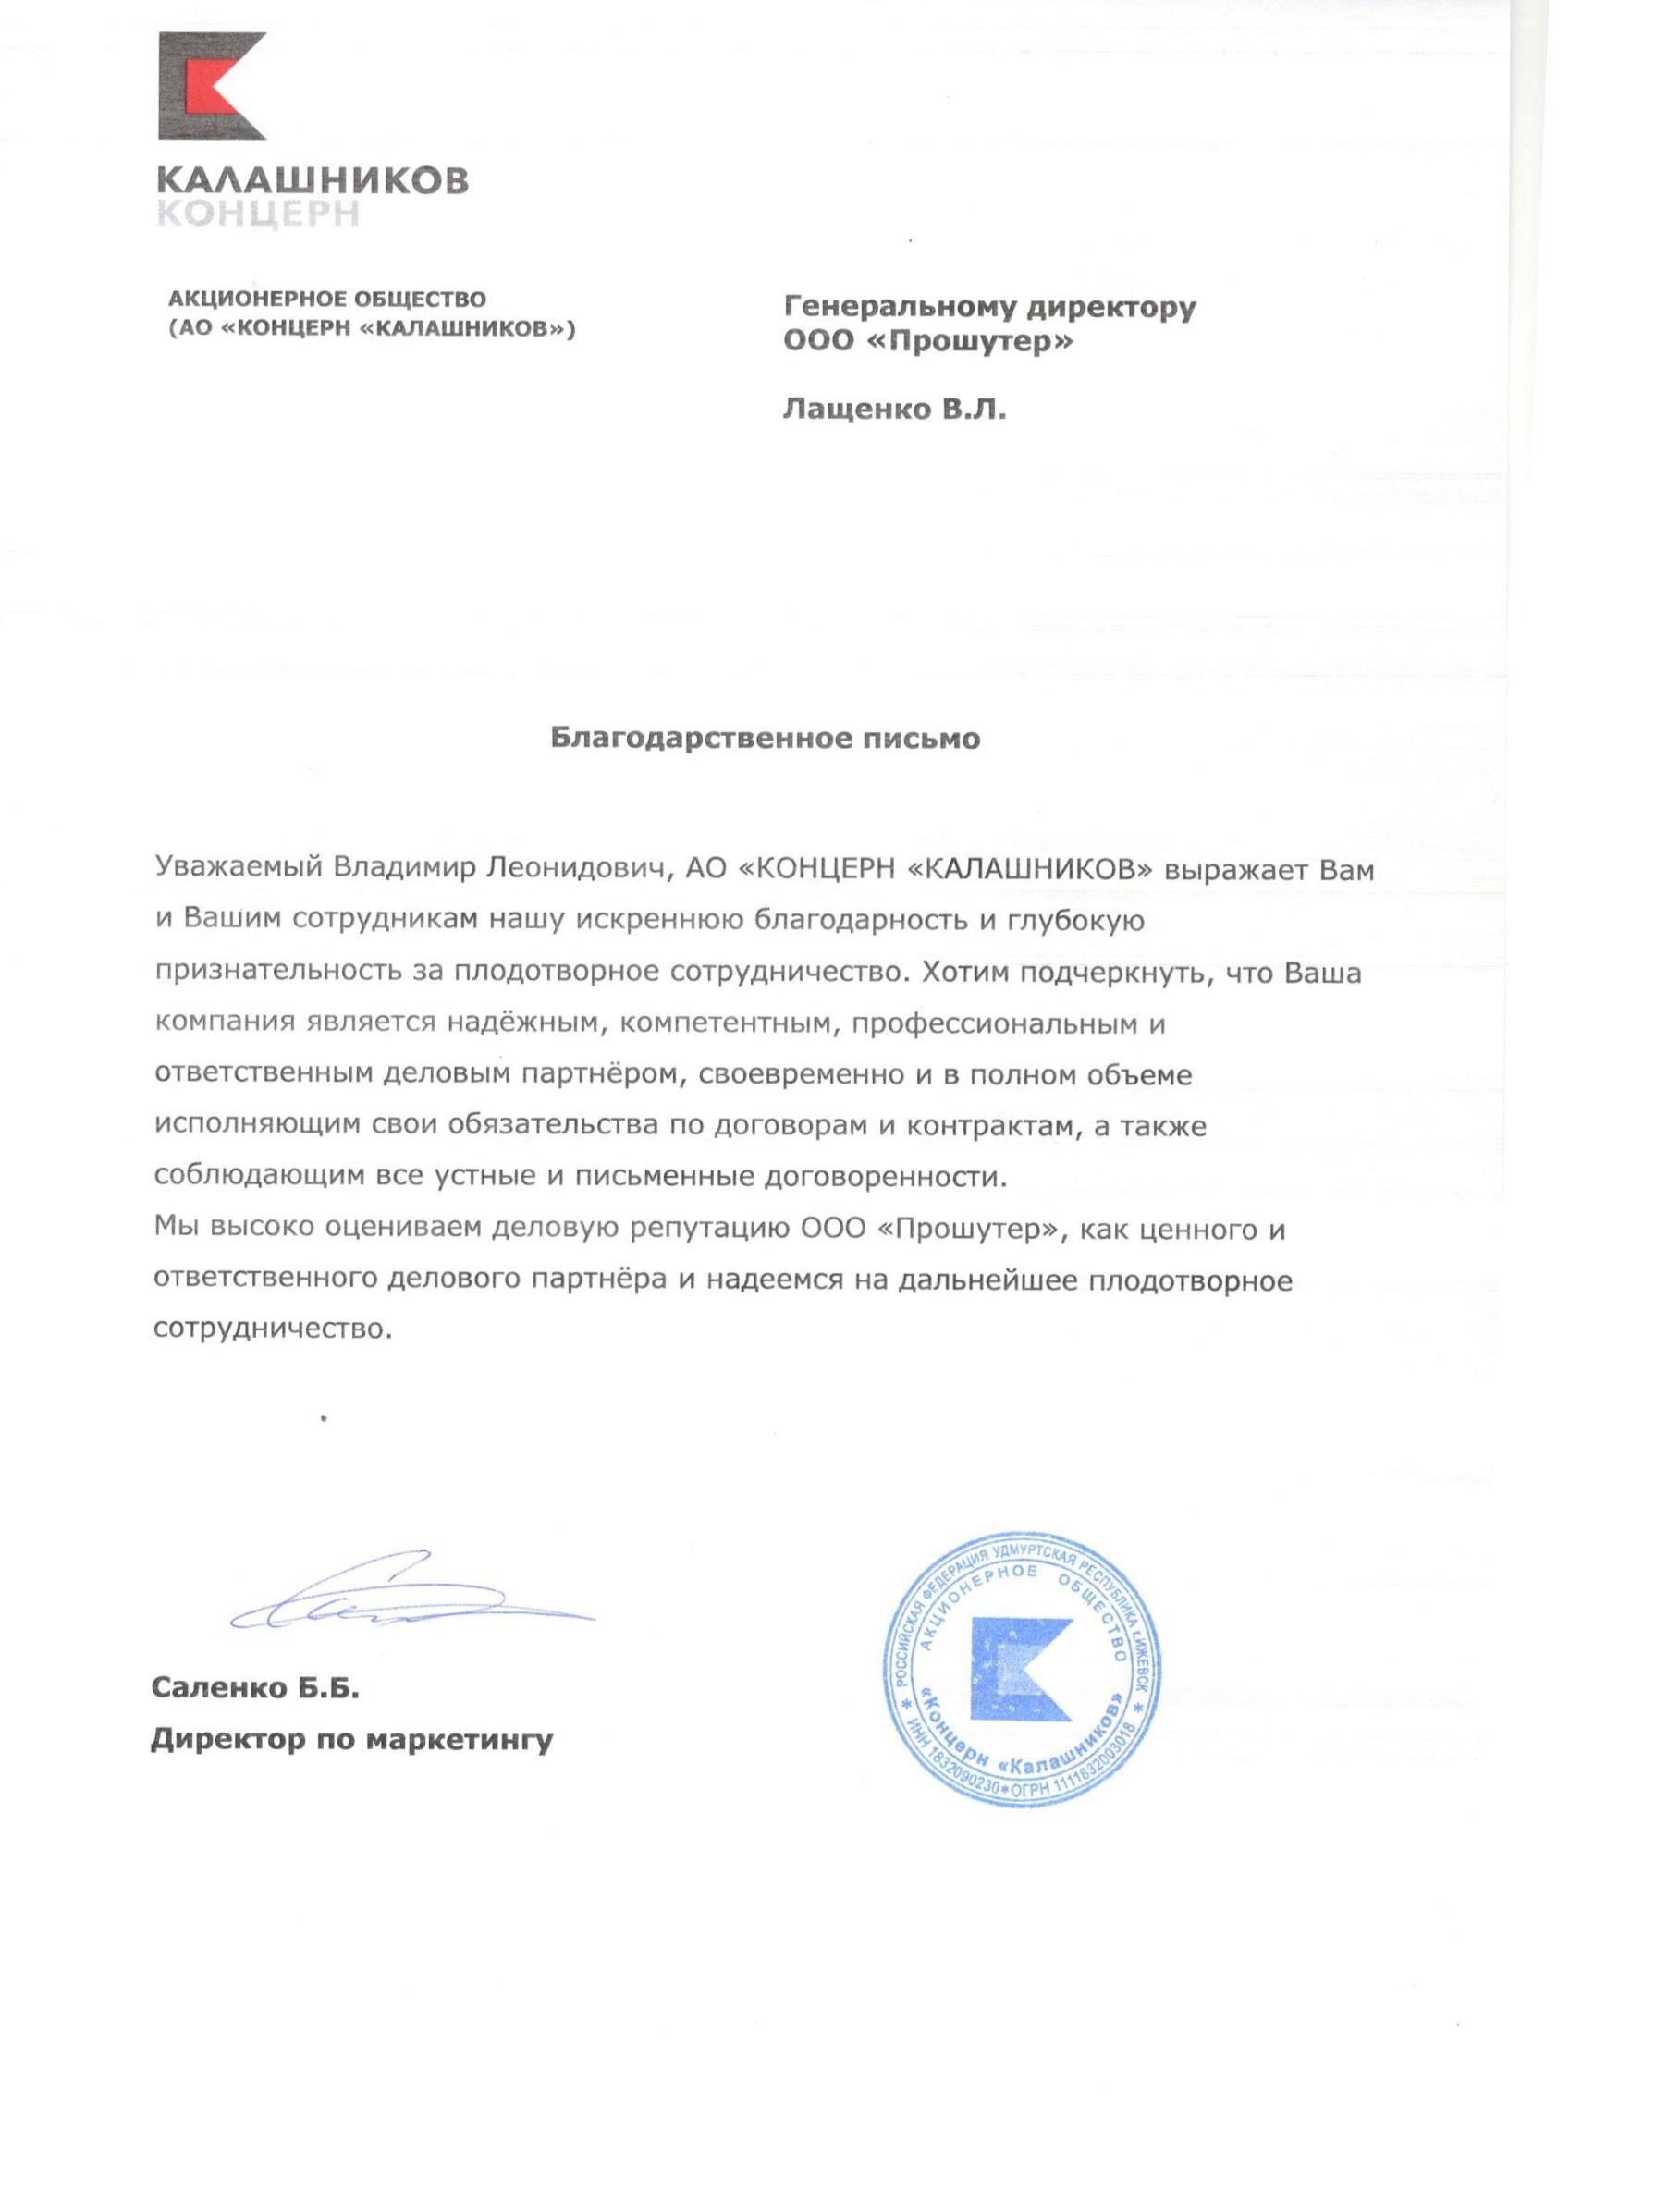 Концерн_Калашников1.jpg